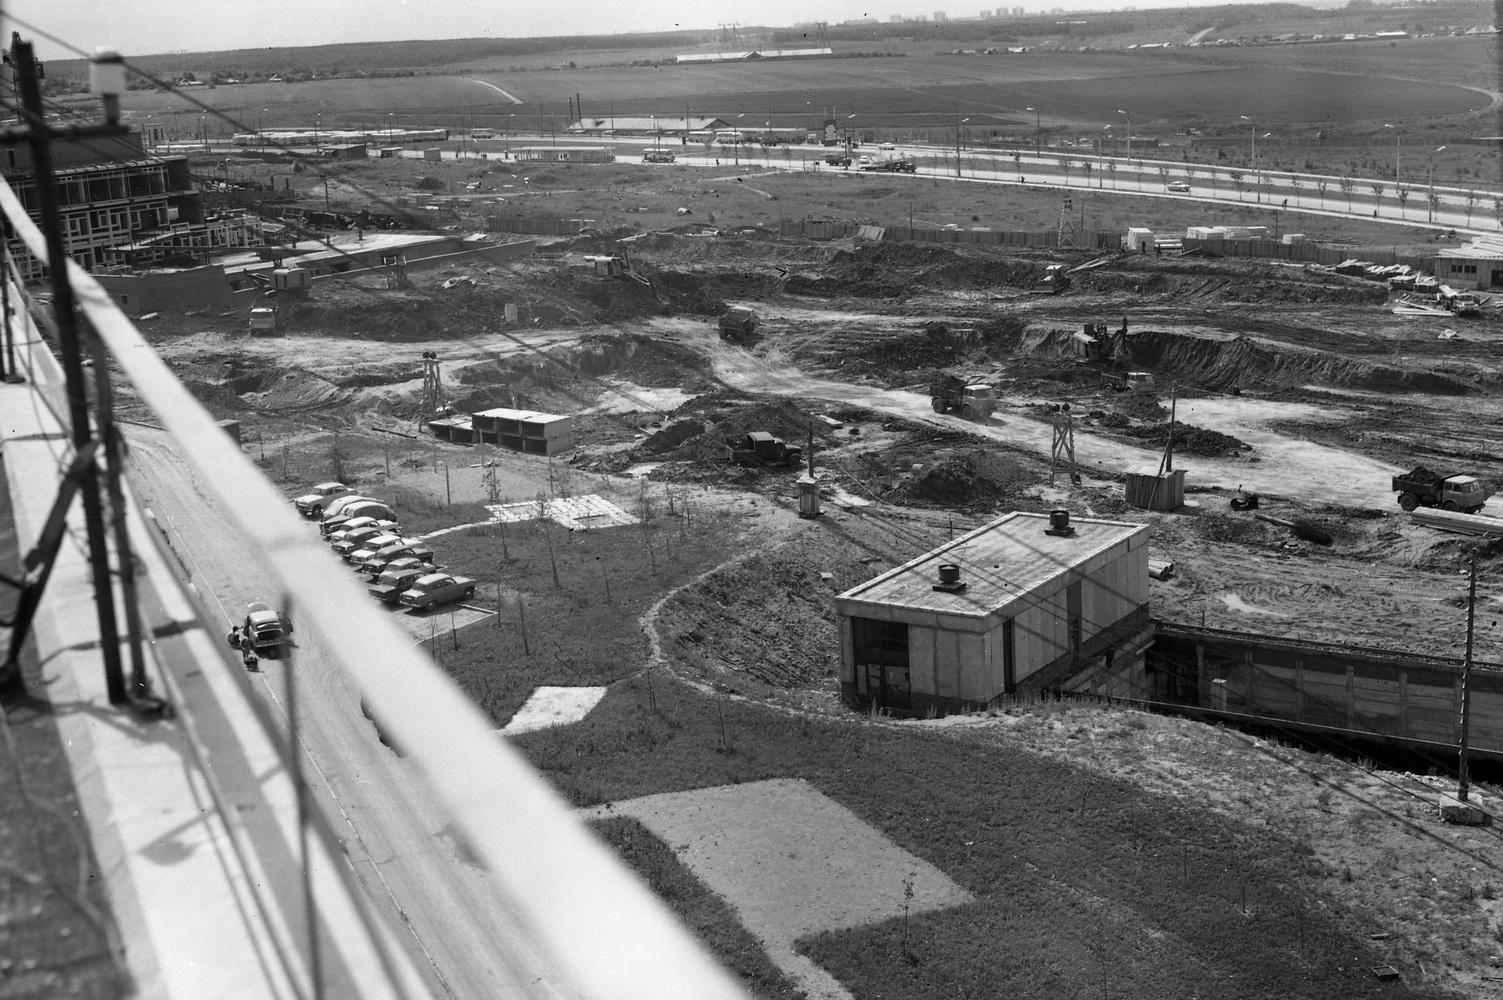 1971-72 район станции метро Юго-Западная от строящегося Института механики АН СССР2